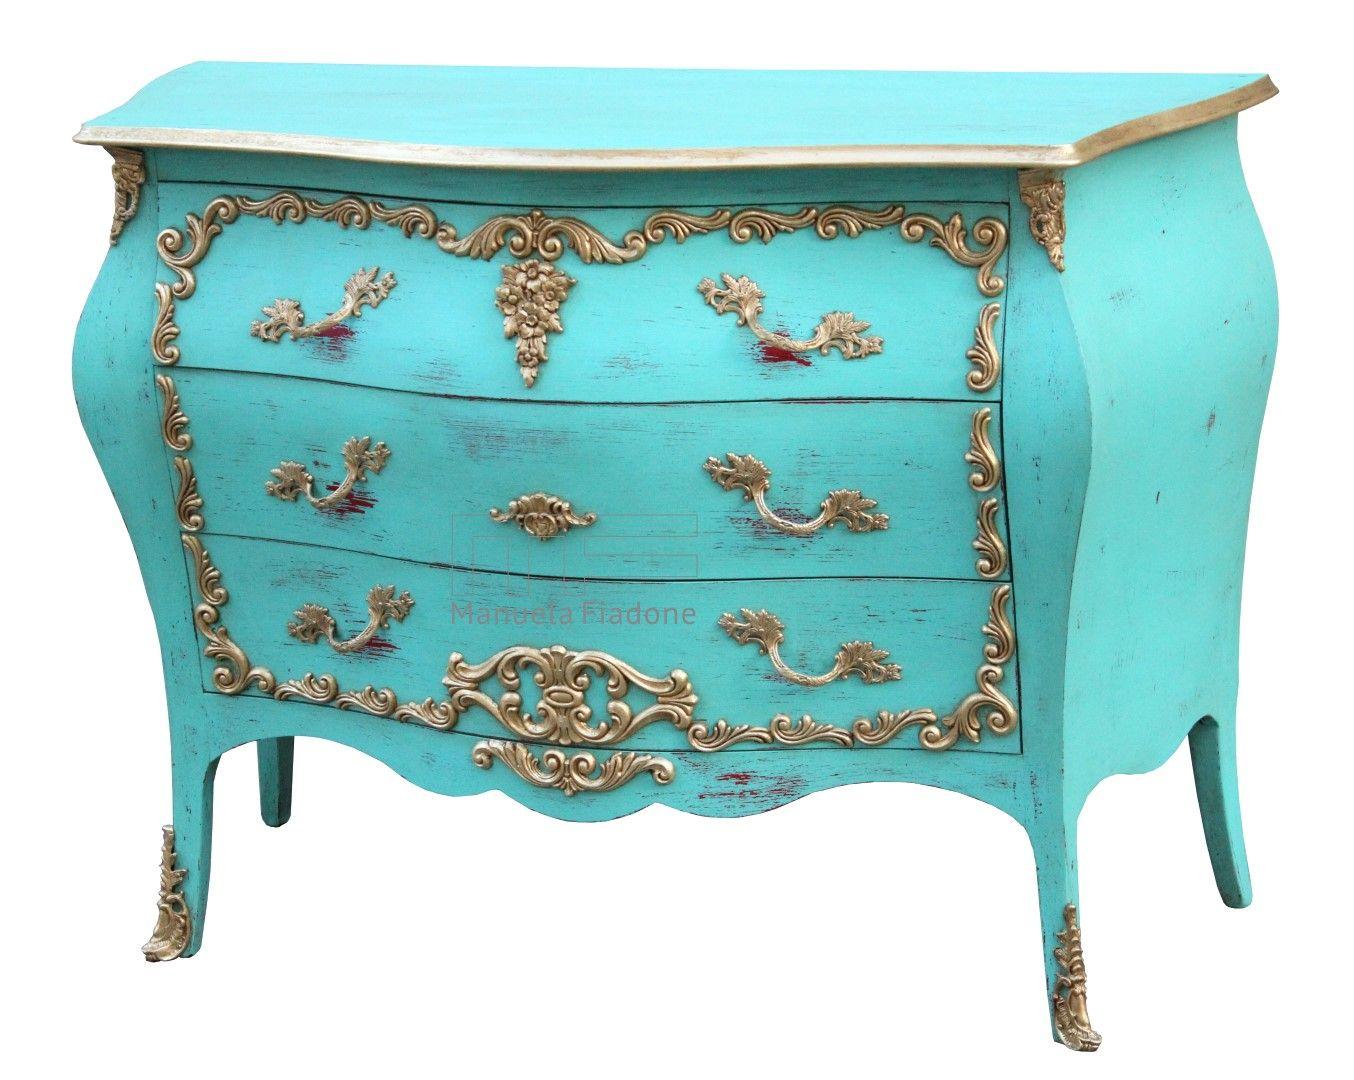 Mobili Pitturati ~ Http: www.riusodecor.com mobili dipinti eccessi successi e favole